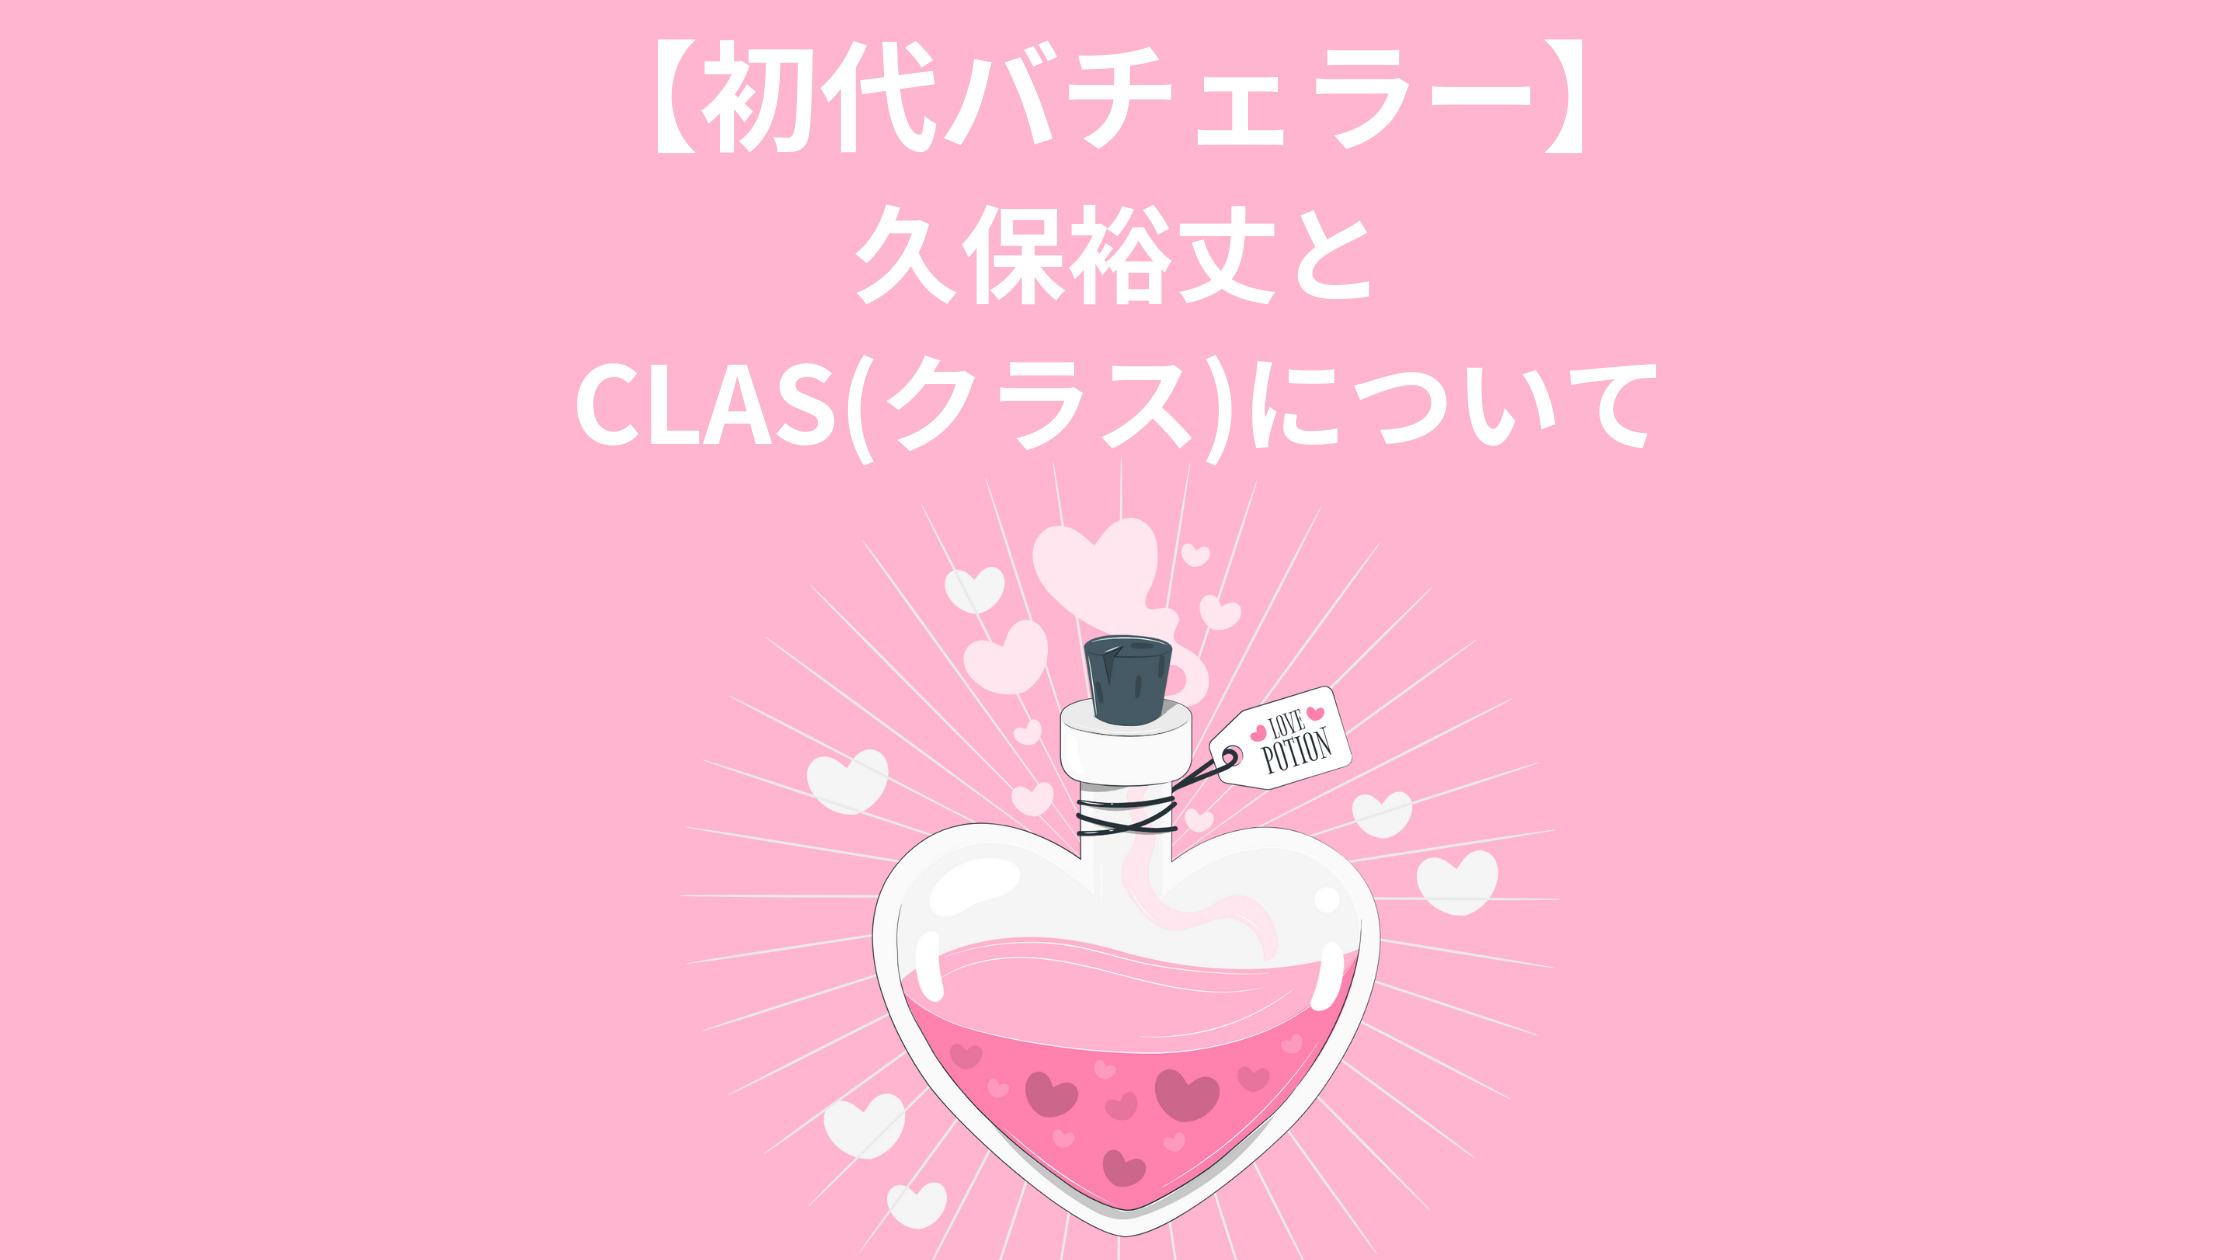 初代バチェラー久保氏とCLAS(クラス)